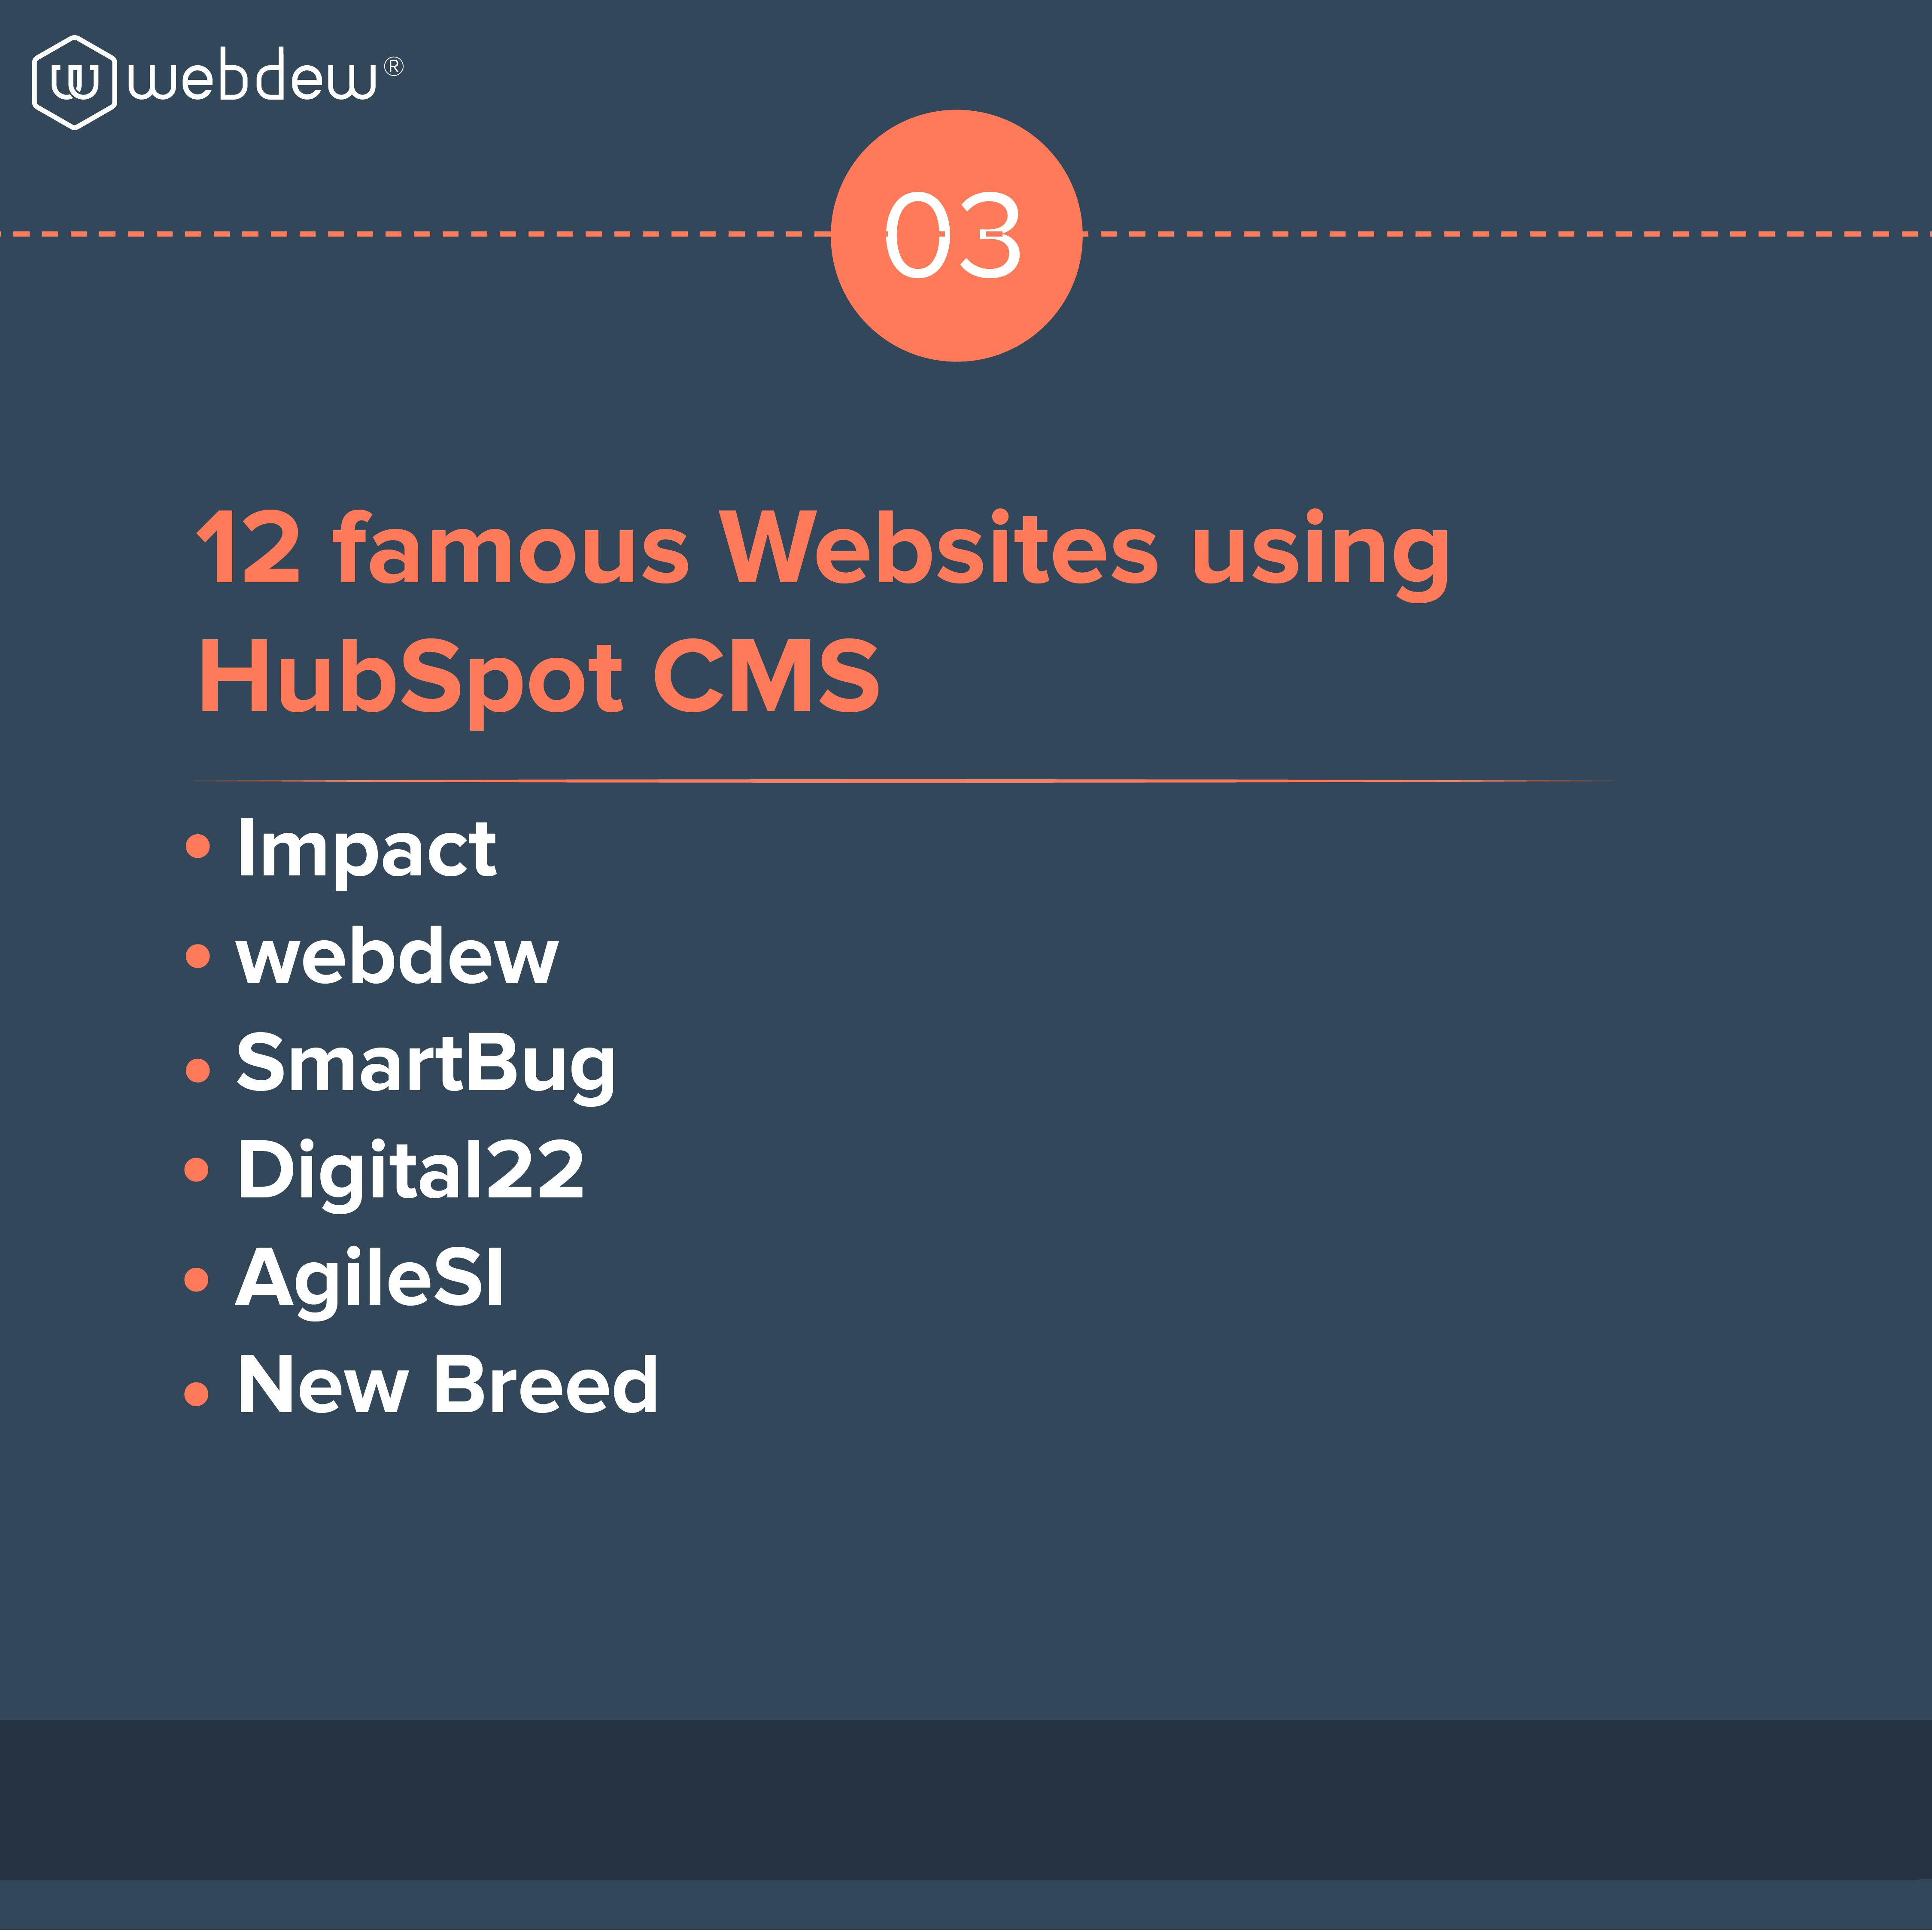 3. 12 famous websites using hubspot CMS